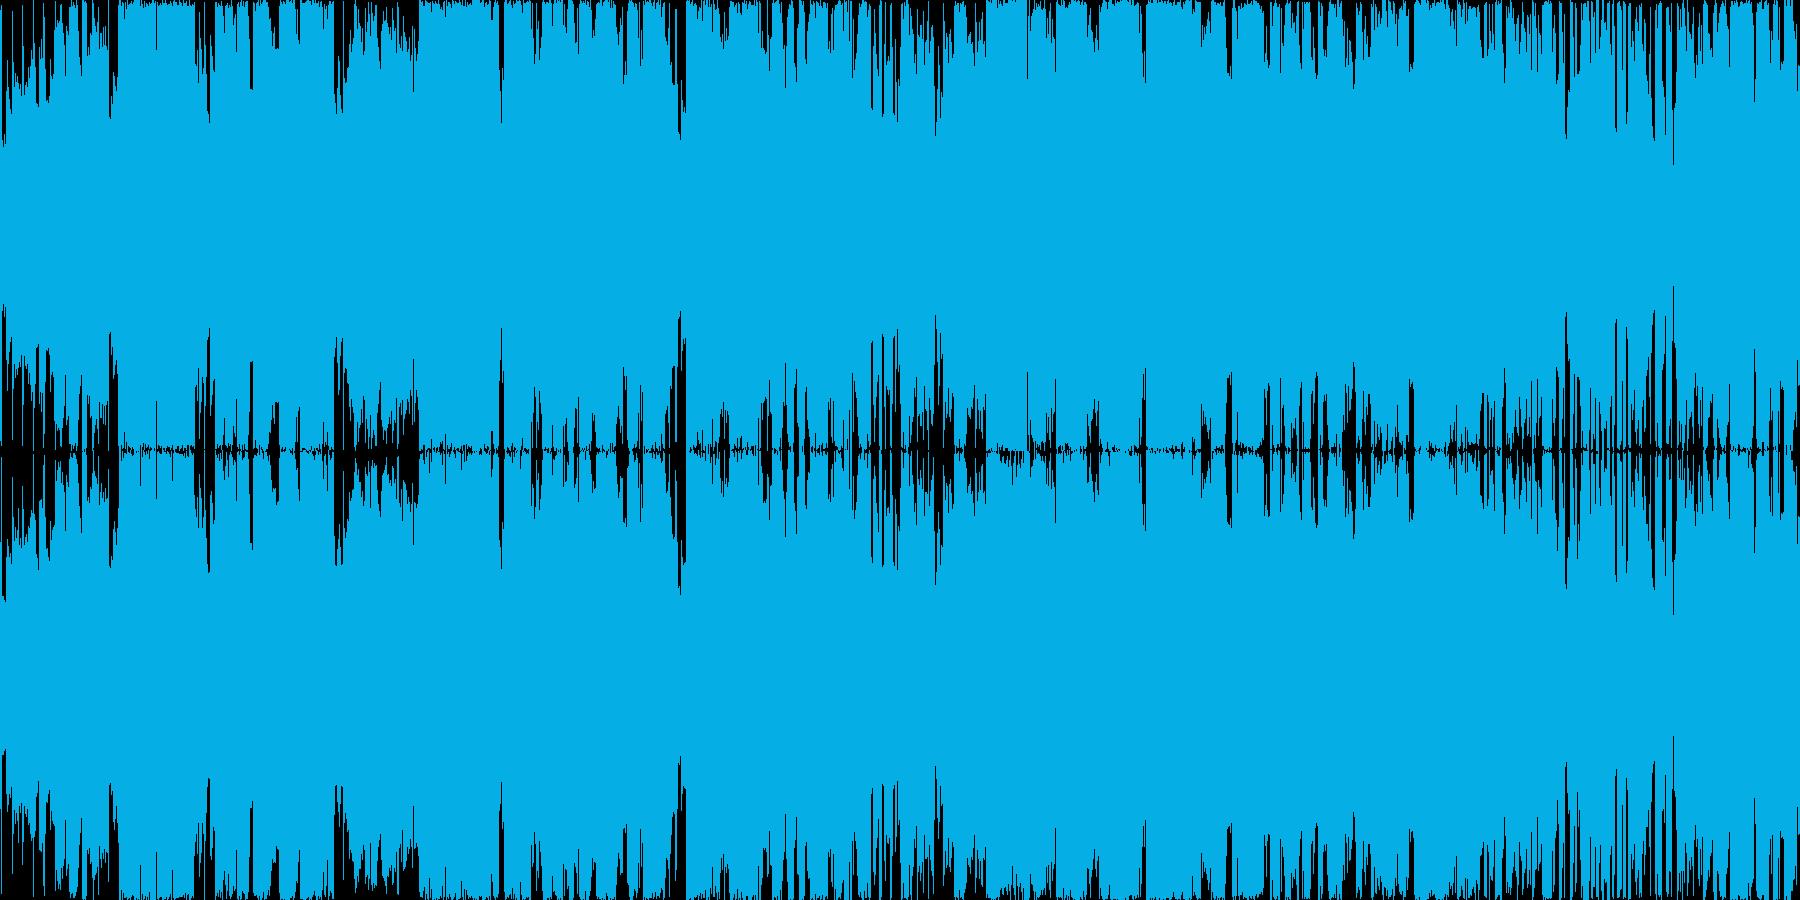 ボス戦用チップチューン高揚感のある戦闘曲の再生済みの波形